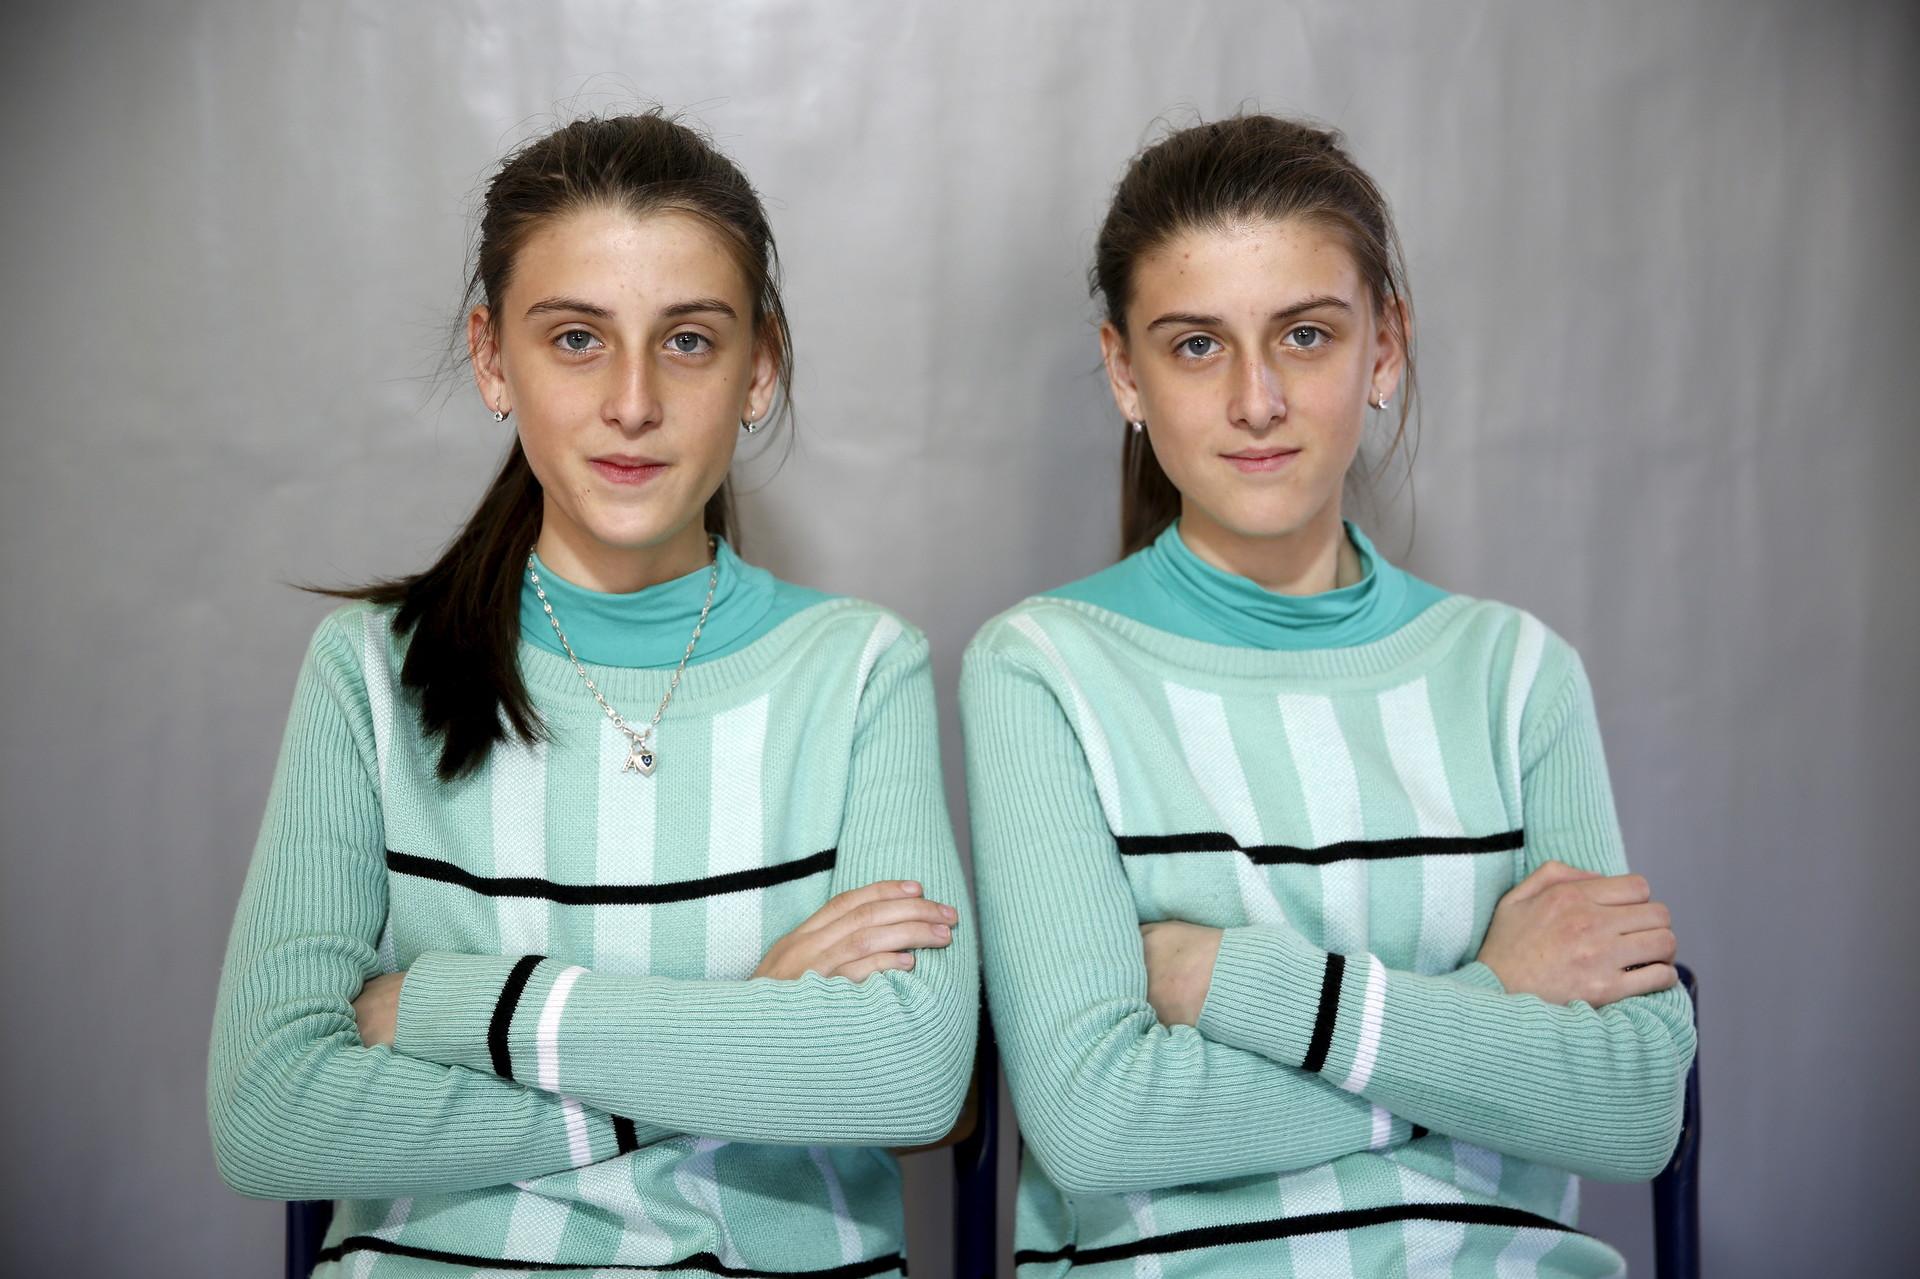 Almedina (izquierda) y Ajla Djulic